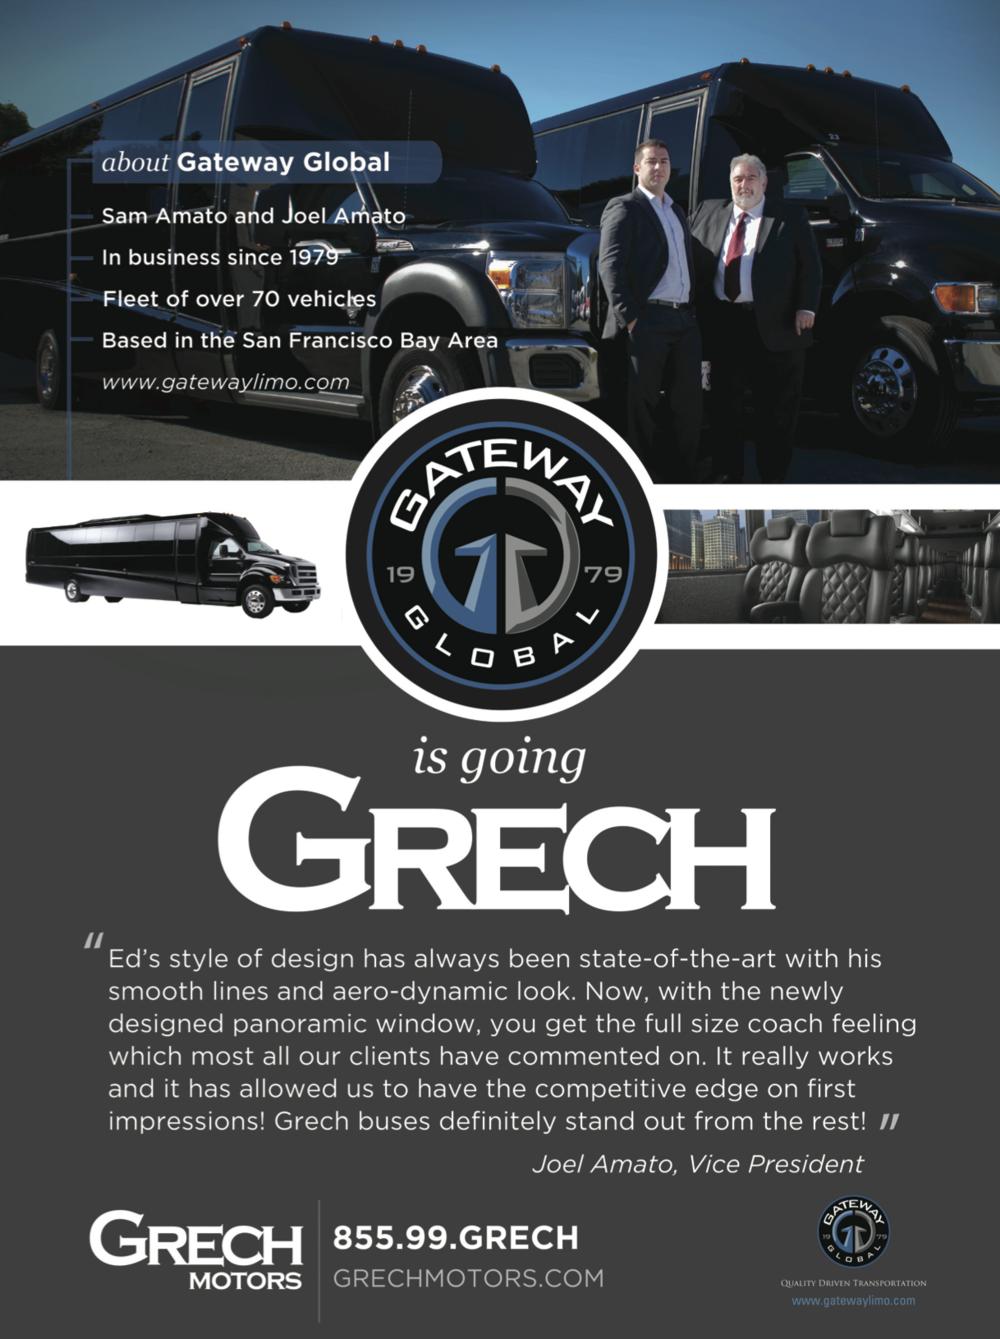 grech gateway 0214 copy.png